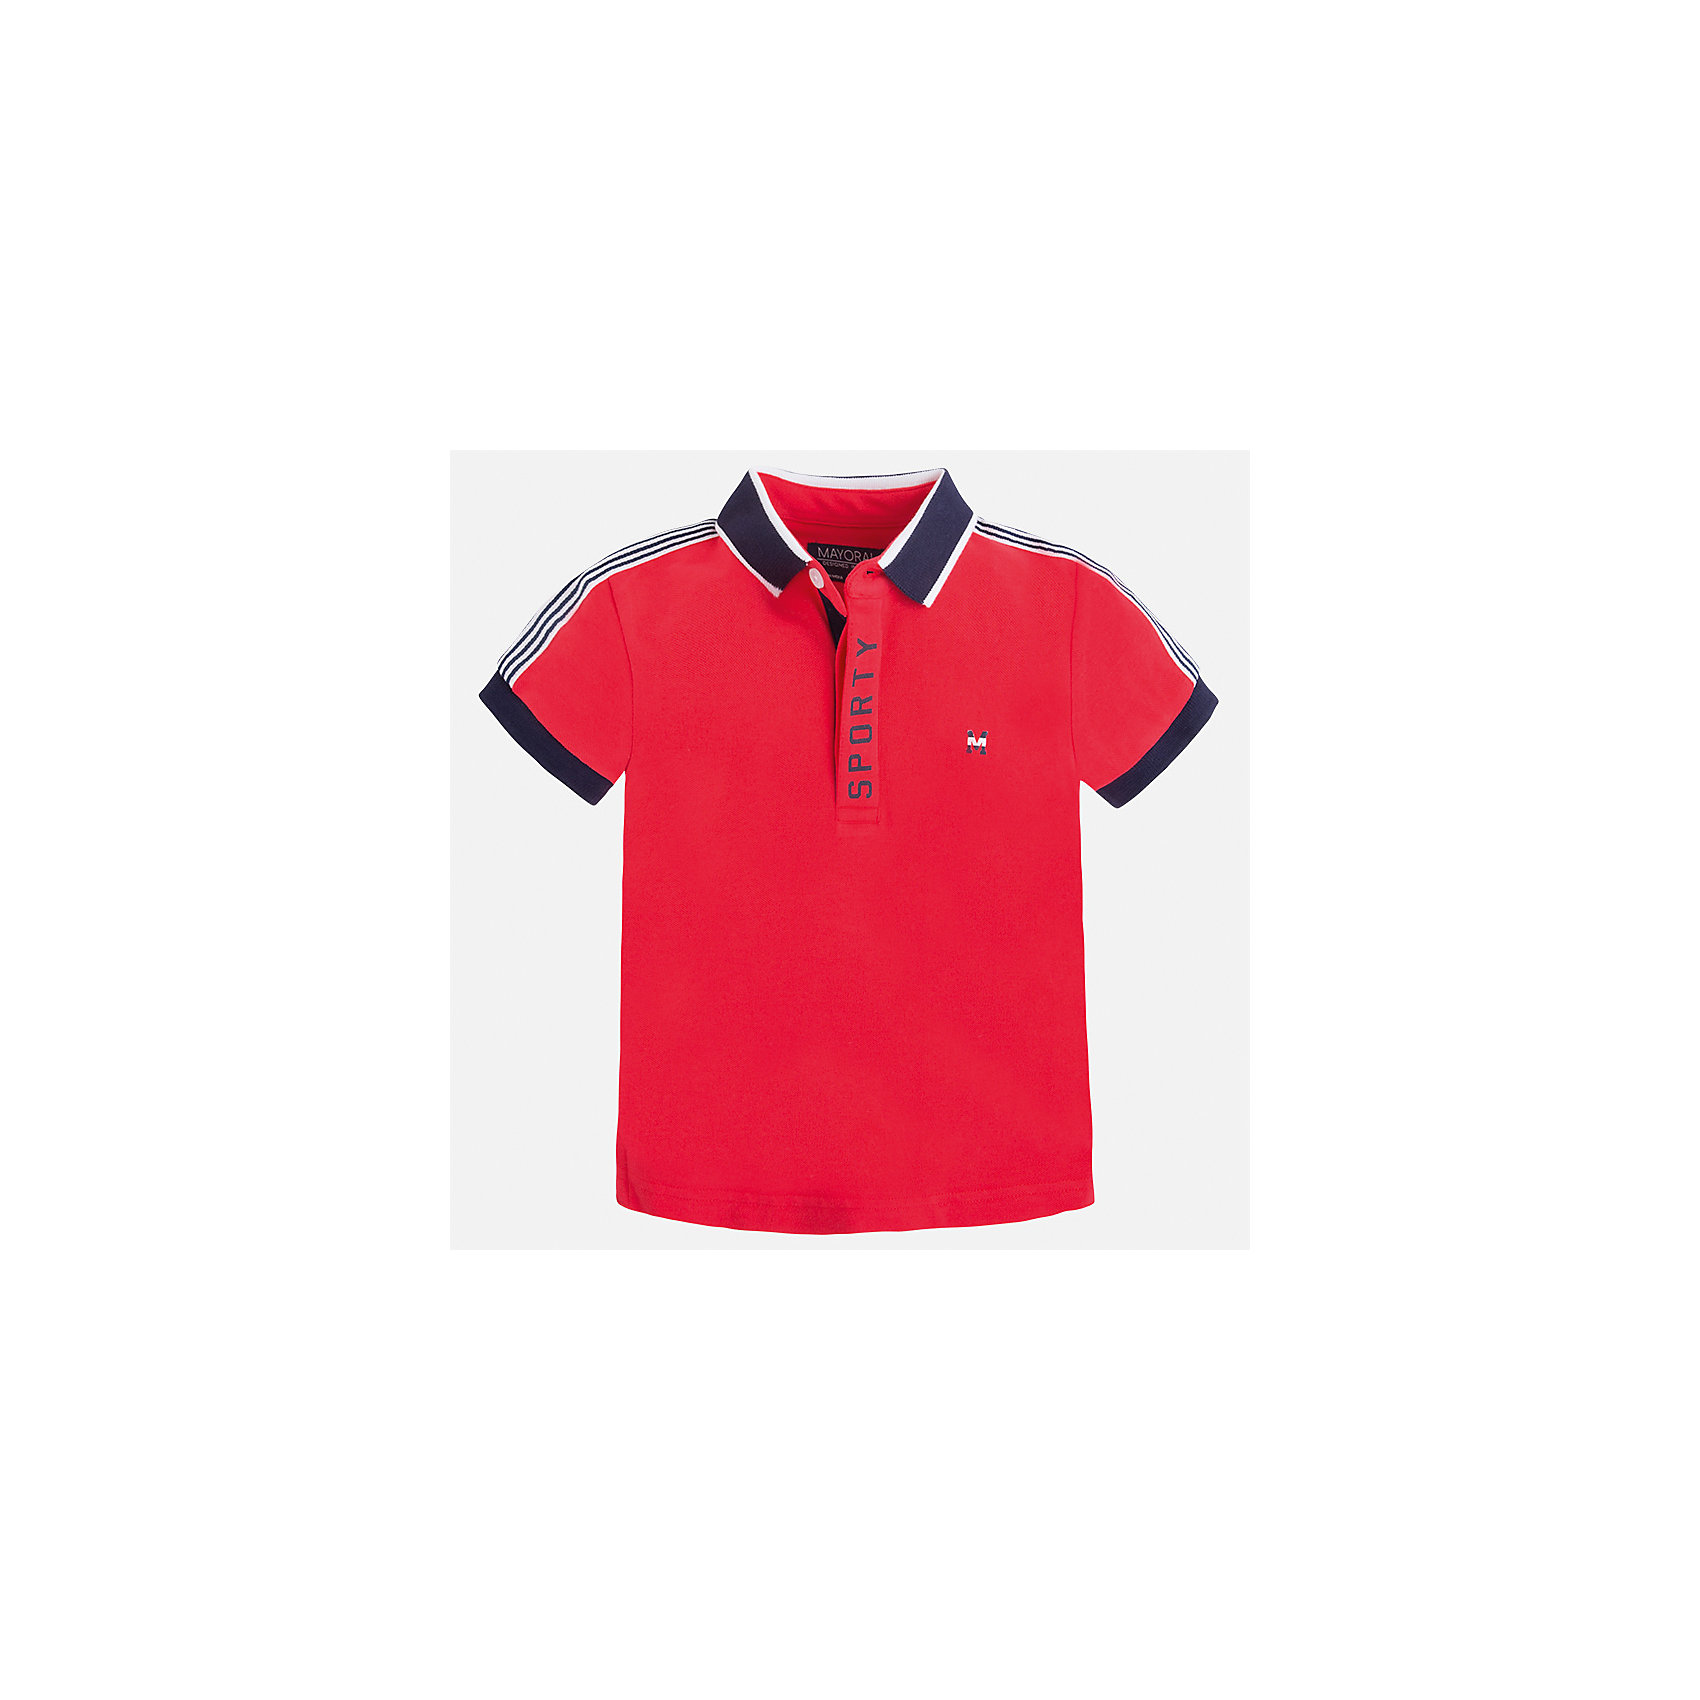 Футболка-поло для мальчика MayoralФутболки, поло и топы<br>Характеристики товара:<br><br>• цвет: красный<br>• состав: 95% хлопок, 5% эластан<br>• отложной воротник<br>• короткие рукава<br>• застежка: пуговицы<br>• декорирована принтом<br>• страна бренда: Испания<br><br>Стильная футболка-поло для мальчика может стать базовой вещью в гардеробе ребенка. Она отлично сочетается с брюками, шортами, джинсами и т.д. Универсальный крой и цвет позволяет подобрать к вещи низ разных расцветок. Практичное и стильное изделие! В составе материала - натуральный хлопок, гипоаллергенный, приятный на ощупь, дышащий.<br><br>Одежда, обувь и аксессуары от испанского бренда Mayoral полюбились детям и взрослым по всему миру. Модели этой марки - стильные и удобные. Для их производства используются только безопасные, качественные материалы и фурнитура. Порадуйте ребенка модными и красивыми вещами от Mayoral! <br><br>Футболку-поло для мальчика от испанского бренда Mayoral (Майорал) можно купить в нашем интернет-магазине.<br><br>Ширина мм: 230<br>Глубина мм: 40<br>Высота мм: 220<br>Вес г: 250<br>Цвет: розовый<br>Возраст от месяцев: 18<br>Возраст до месяцев: 24<br>Пол: Мужской<br>Возраст: Детский<br>Размер: 92,116,122,128,98,104,110,134<br>SKU: 5272072